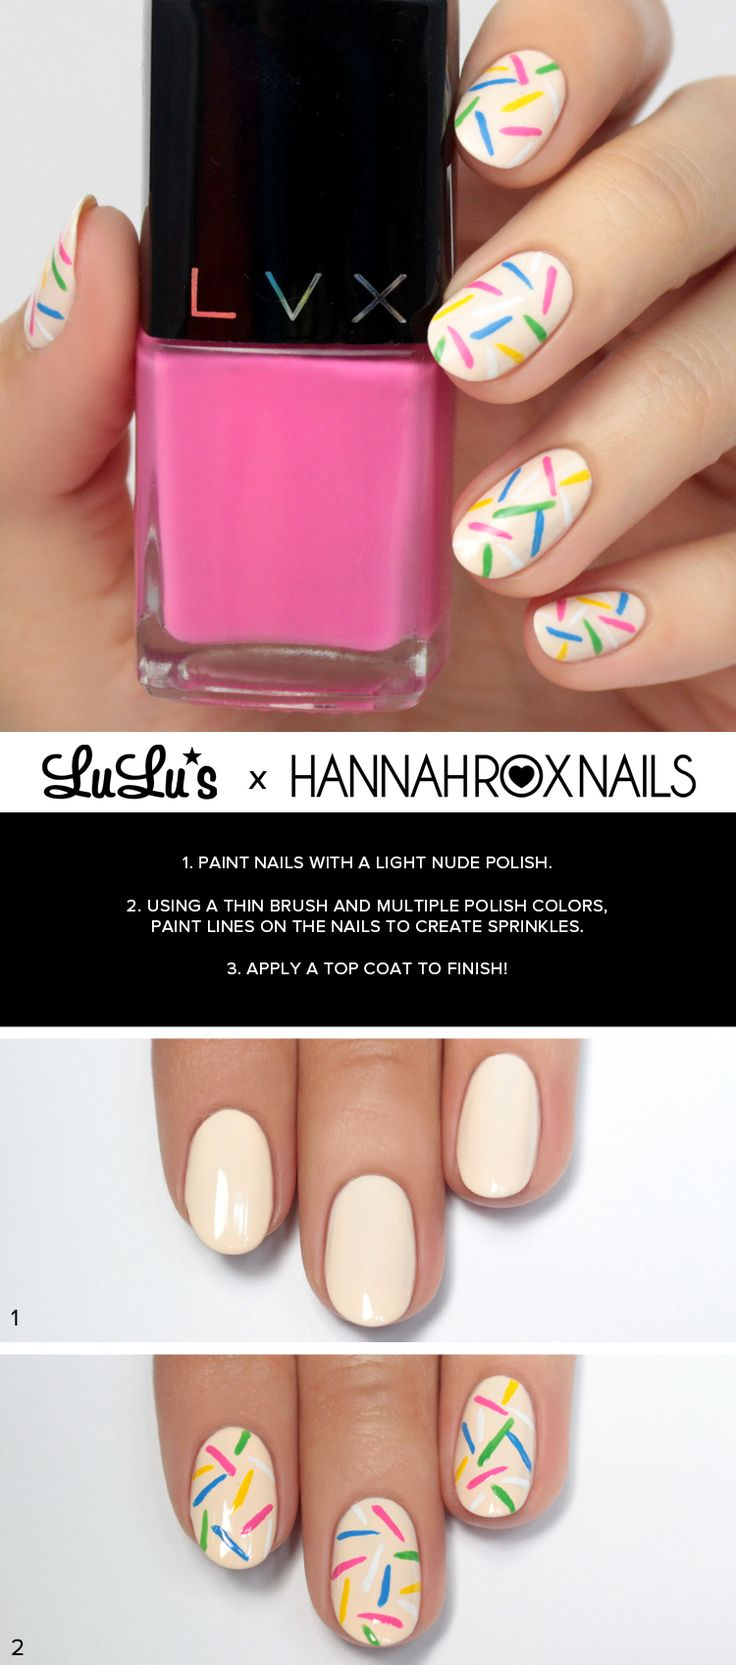 Mani Monday: Rainbow Sprinkles Nail Tutorial at LuLus.com!